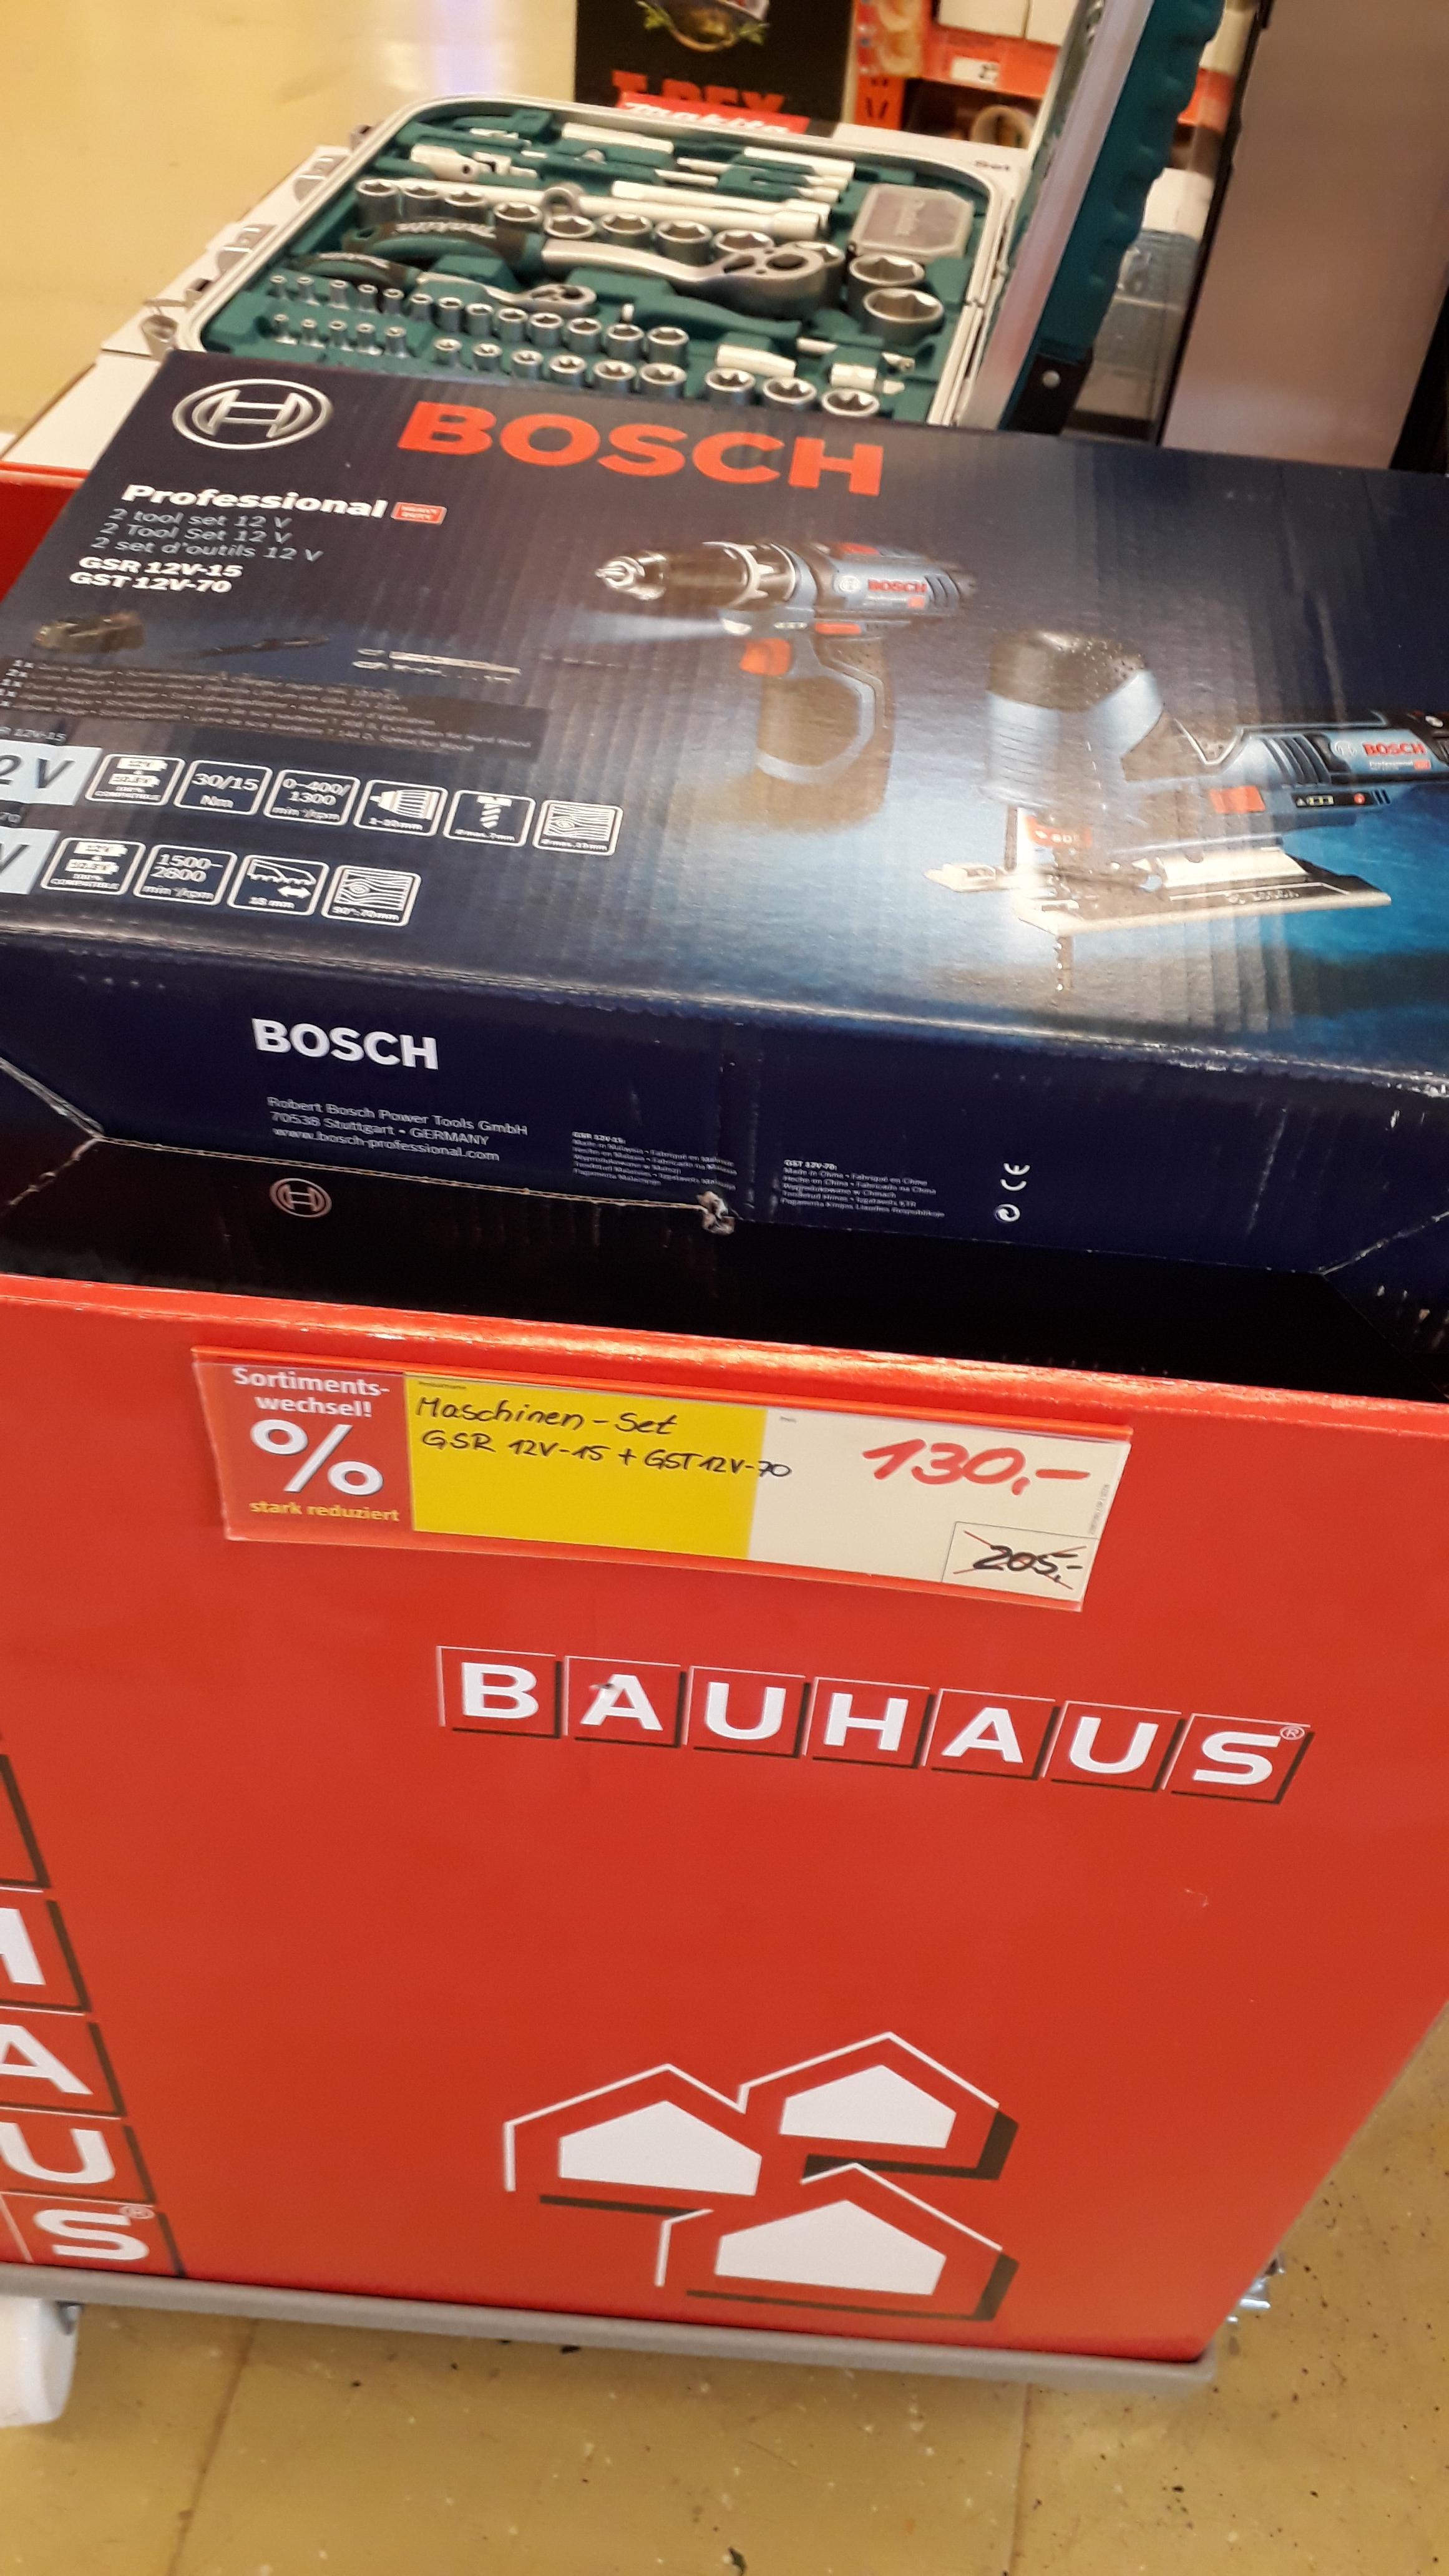 [Lokal] Bosch GSR 12V-15 + GST 12V-70 set Magdeburg Bauhaus